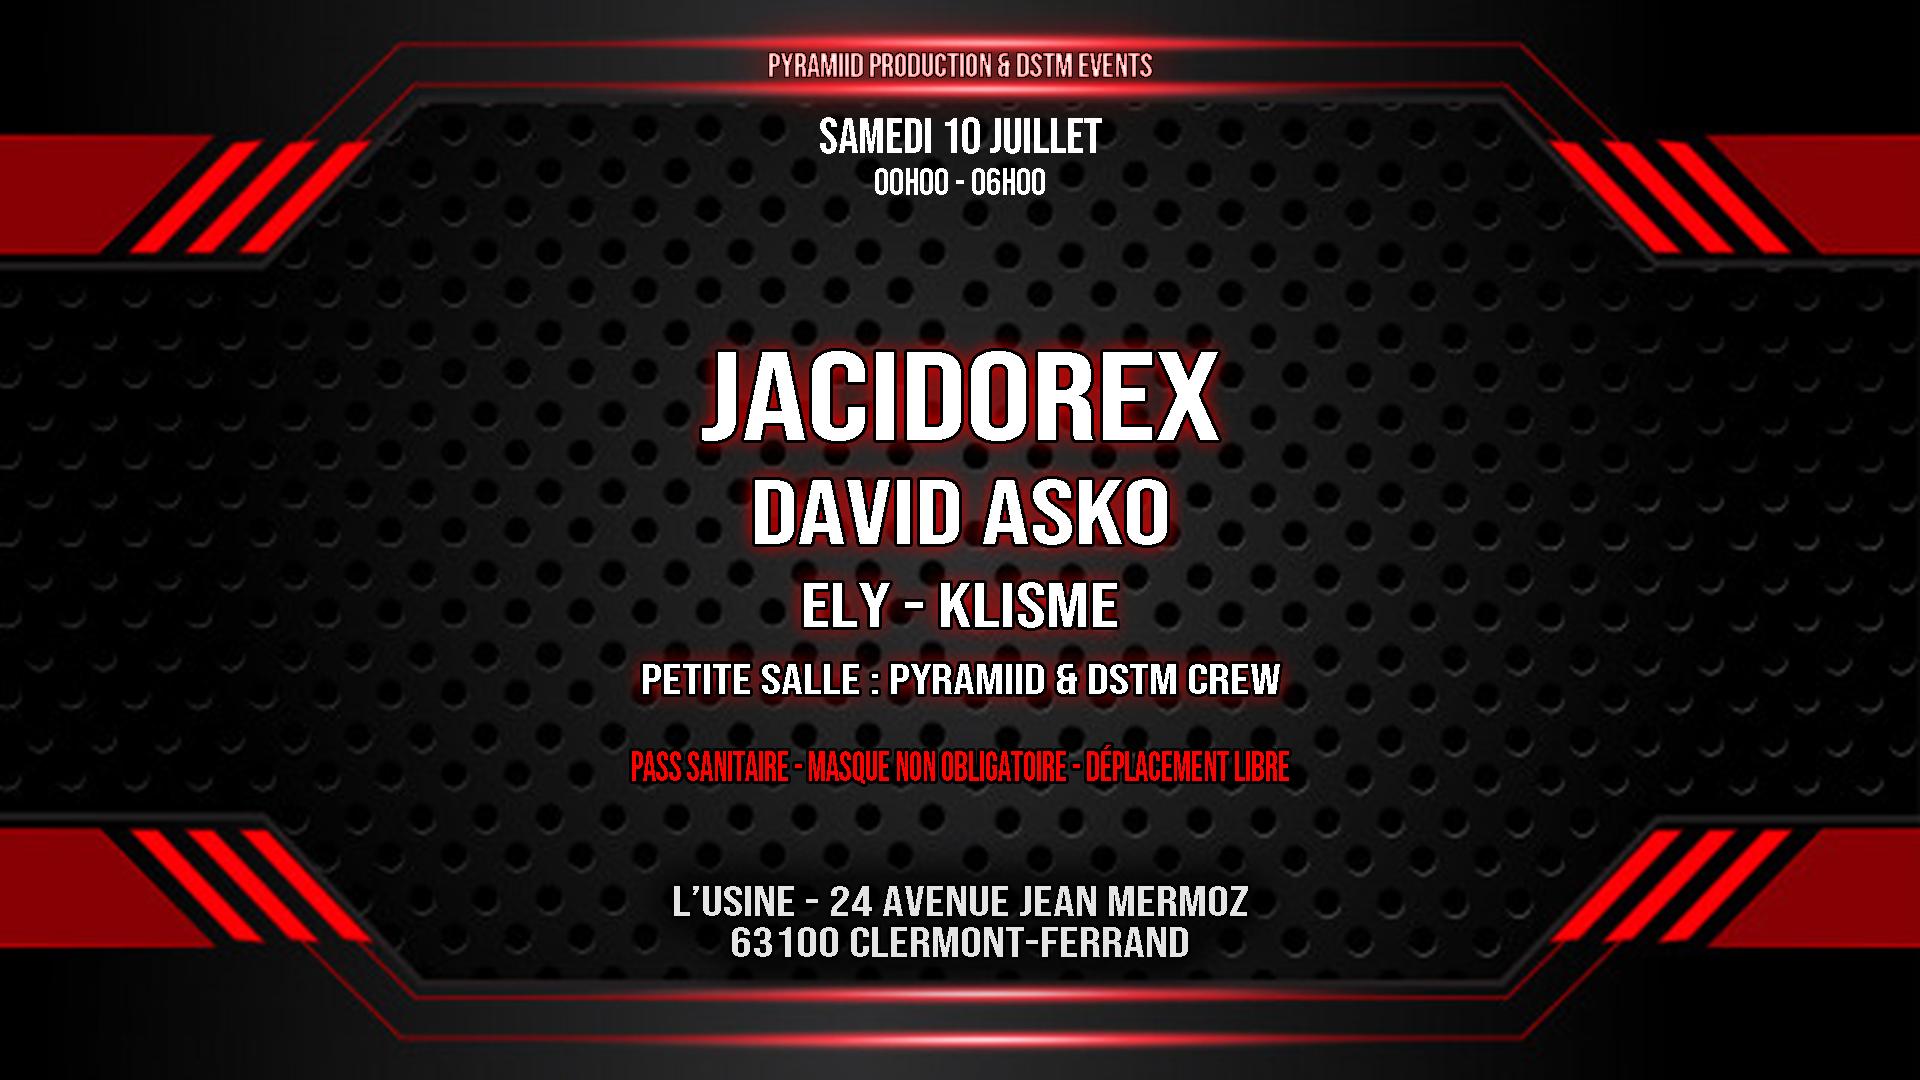 JACIDOREX & DAVID ASKO @ CLERMONT FERRAND